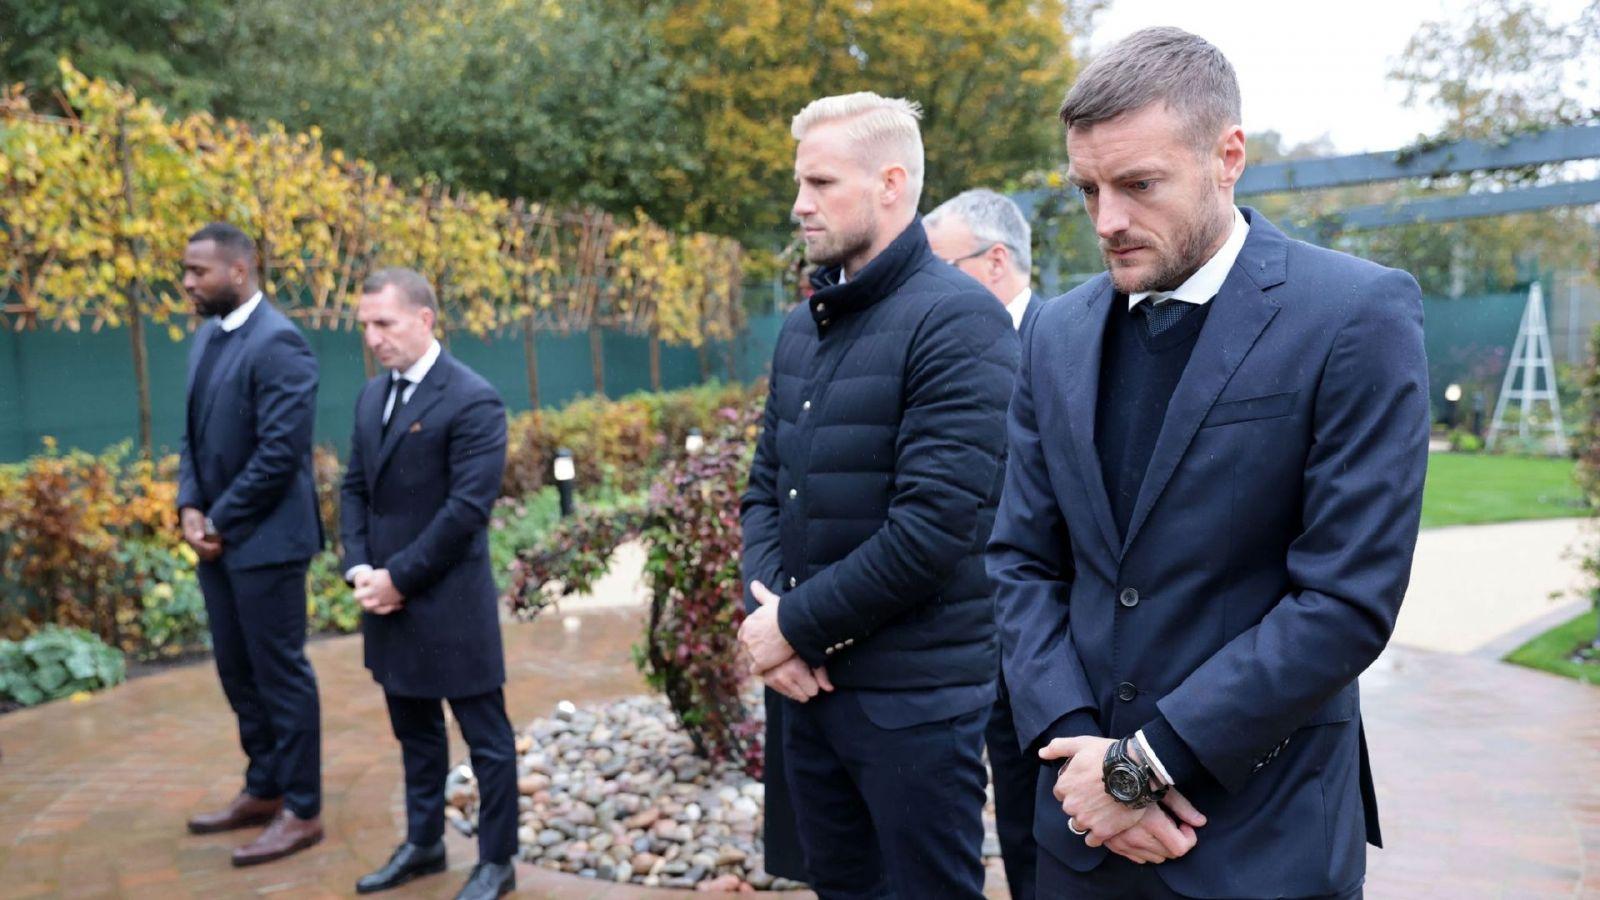 在维希逝世两周年之际,莱斯特城举行了悼念活动,罗杰斯瓦尔迪和其他人出席了活动